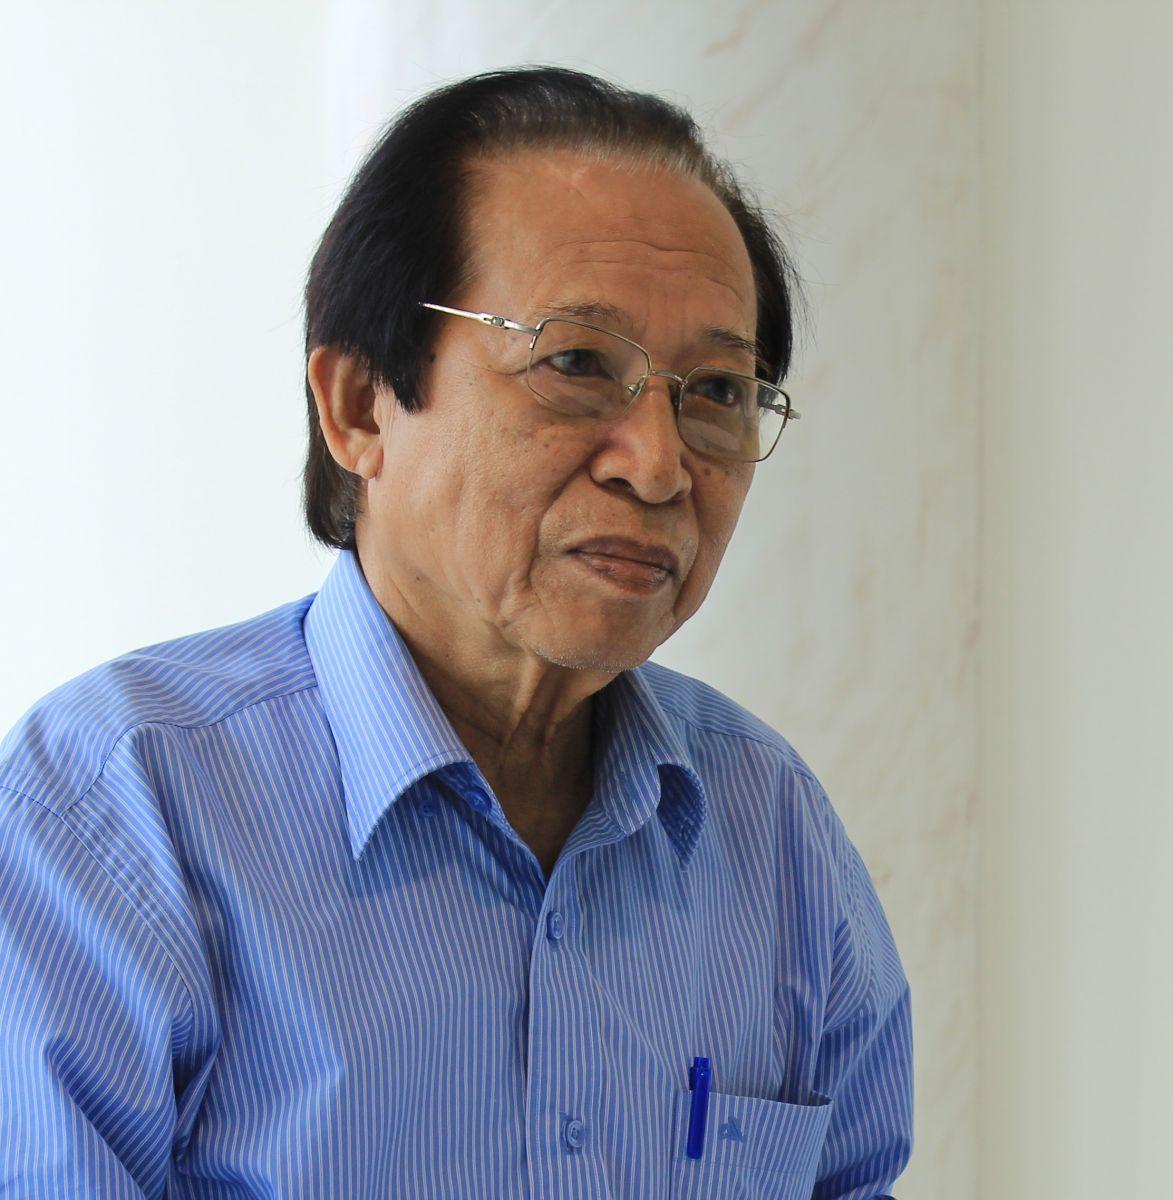 Chủ tịch - Phó Chủ tịch Hội Cấp thoát nước Việt Nam qua các thời kỳ